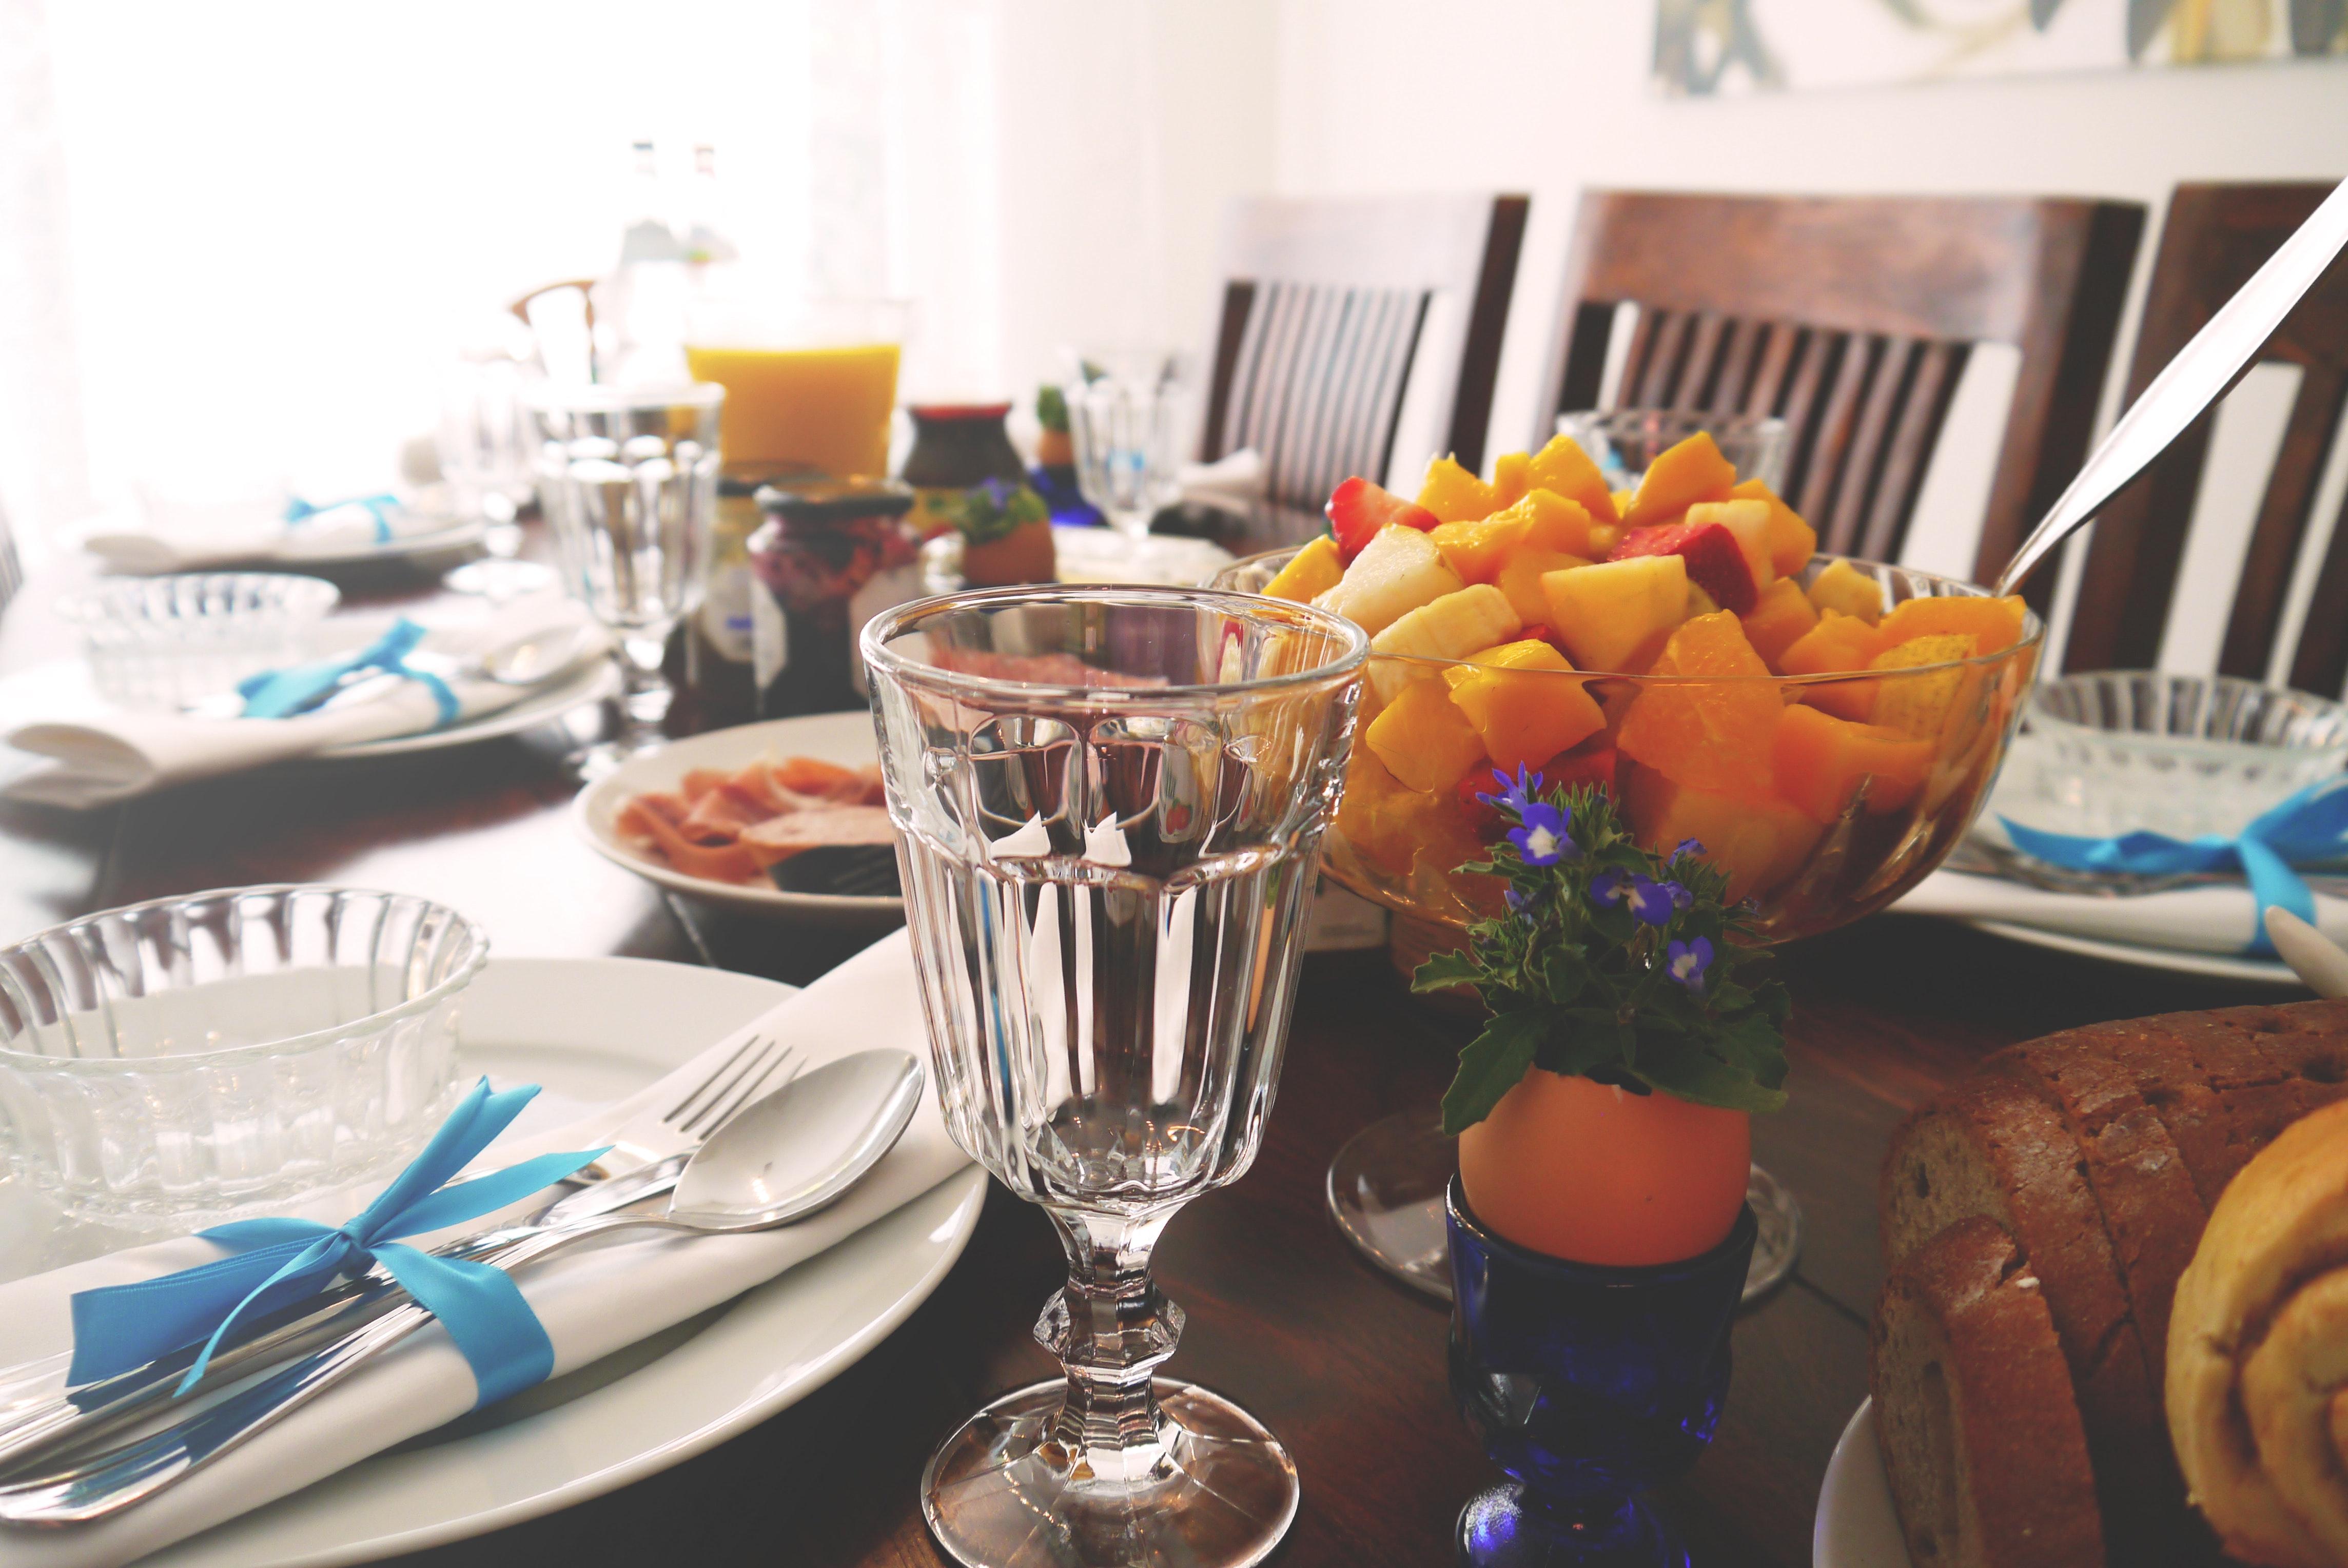 bowl-breakfast-brunch-305972